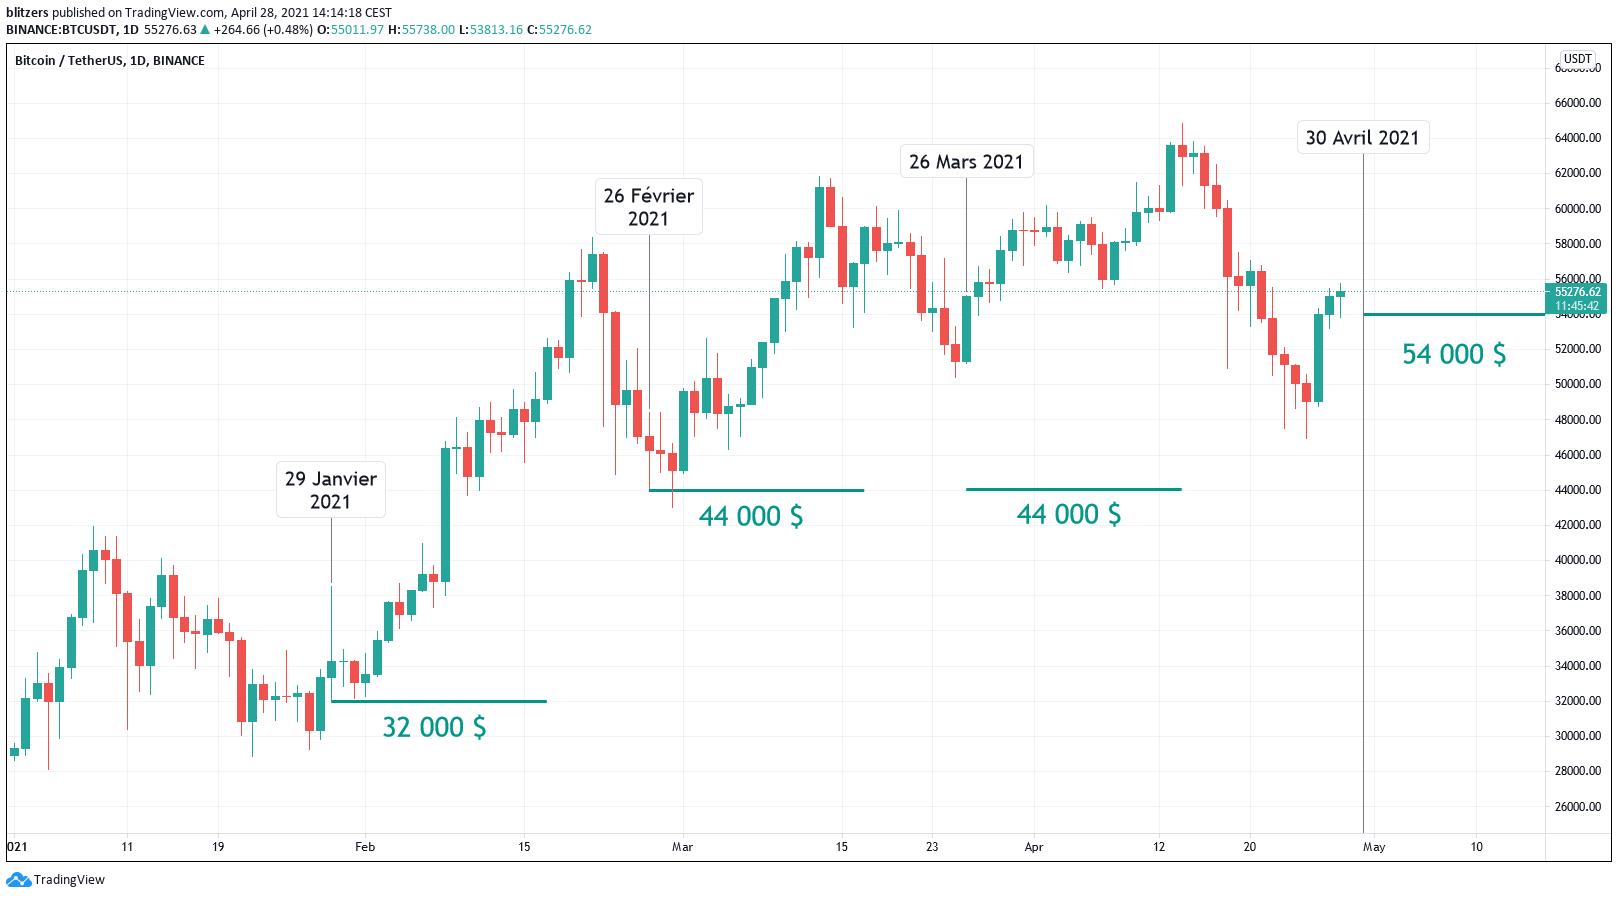 Les niveaux de paris risqués des options négociées sur Bitcoin (BTC)